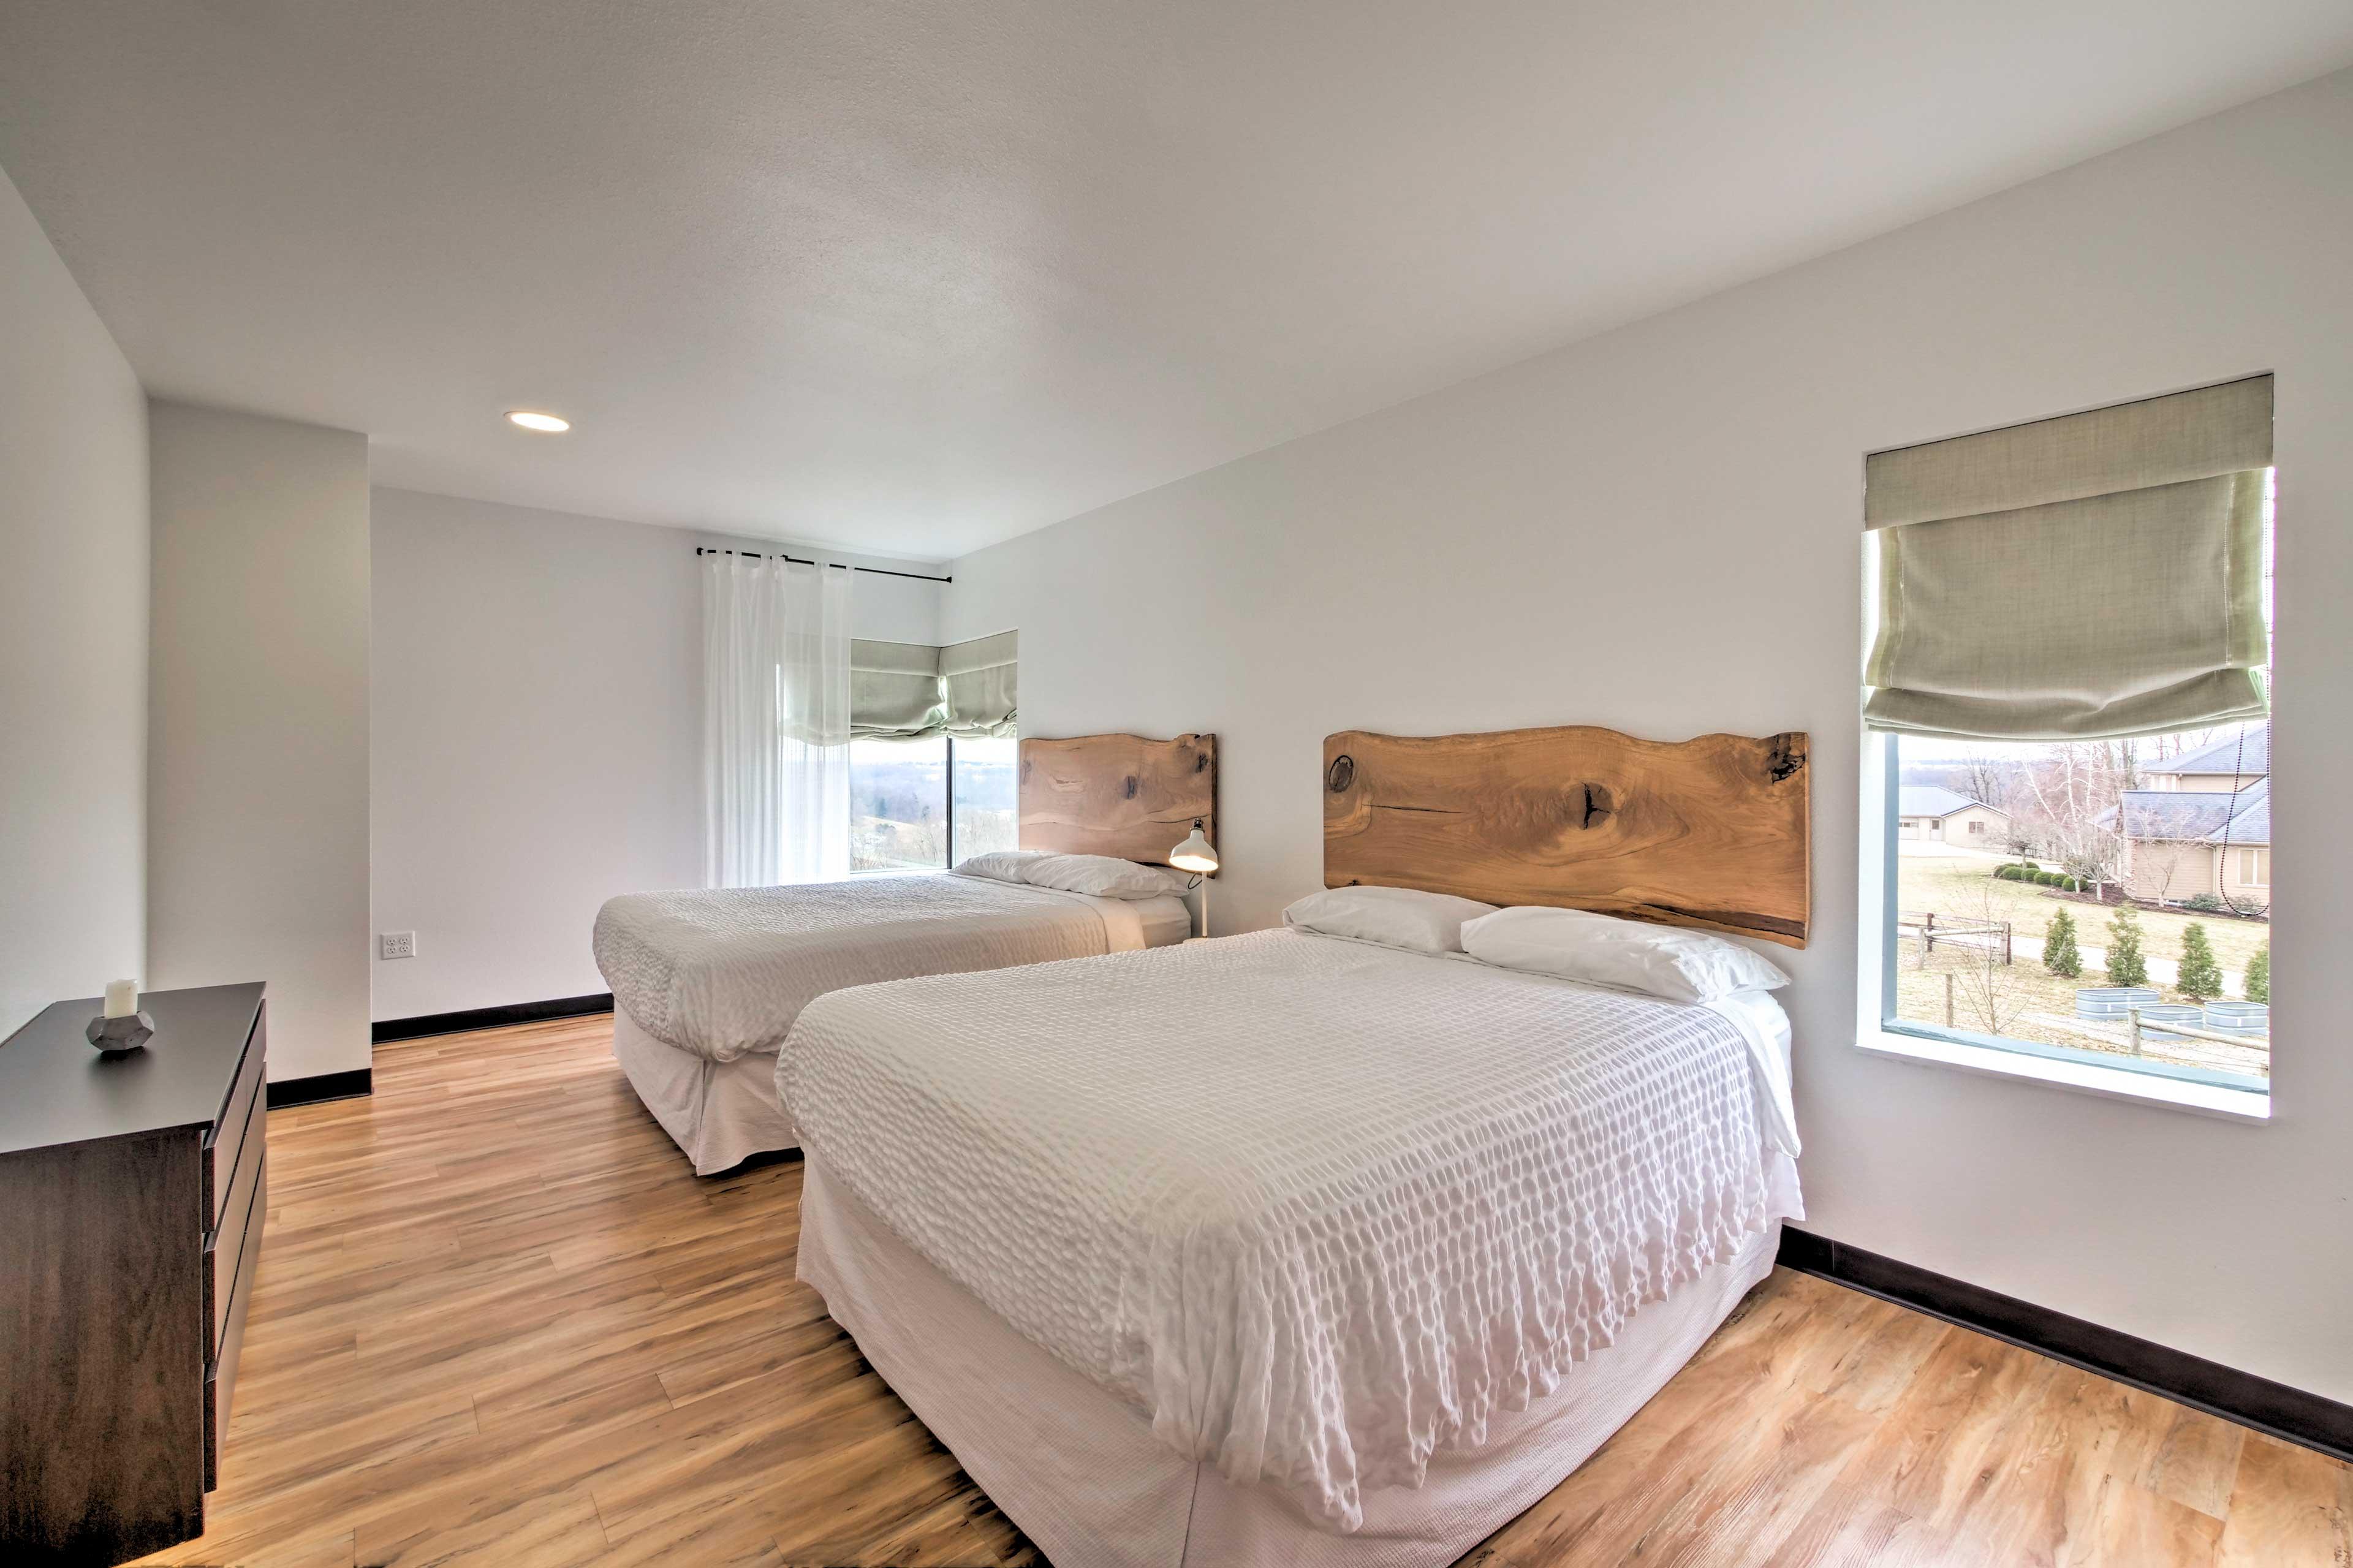 This bedroom has 2 queen beds.